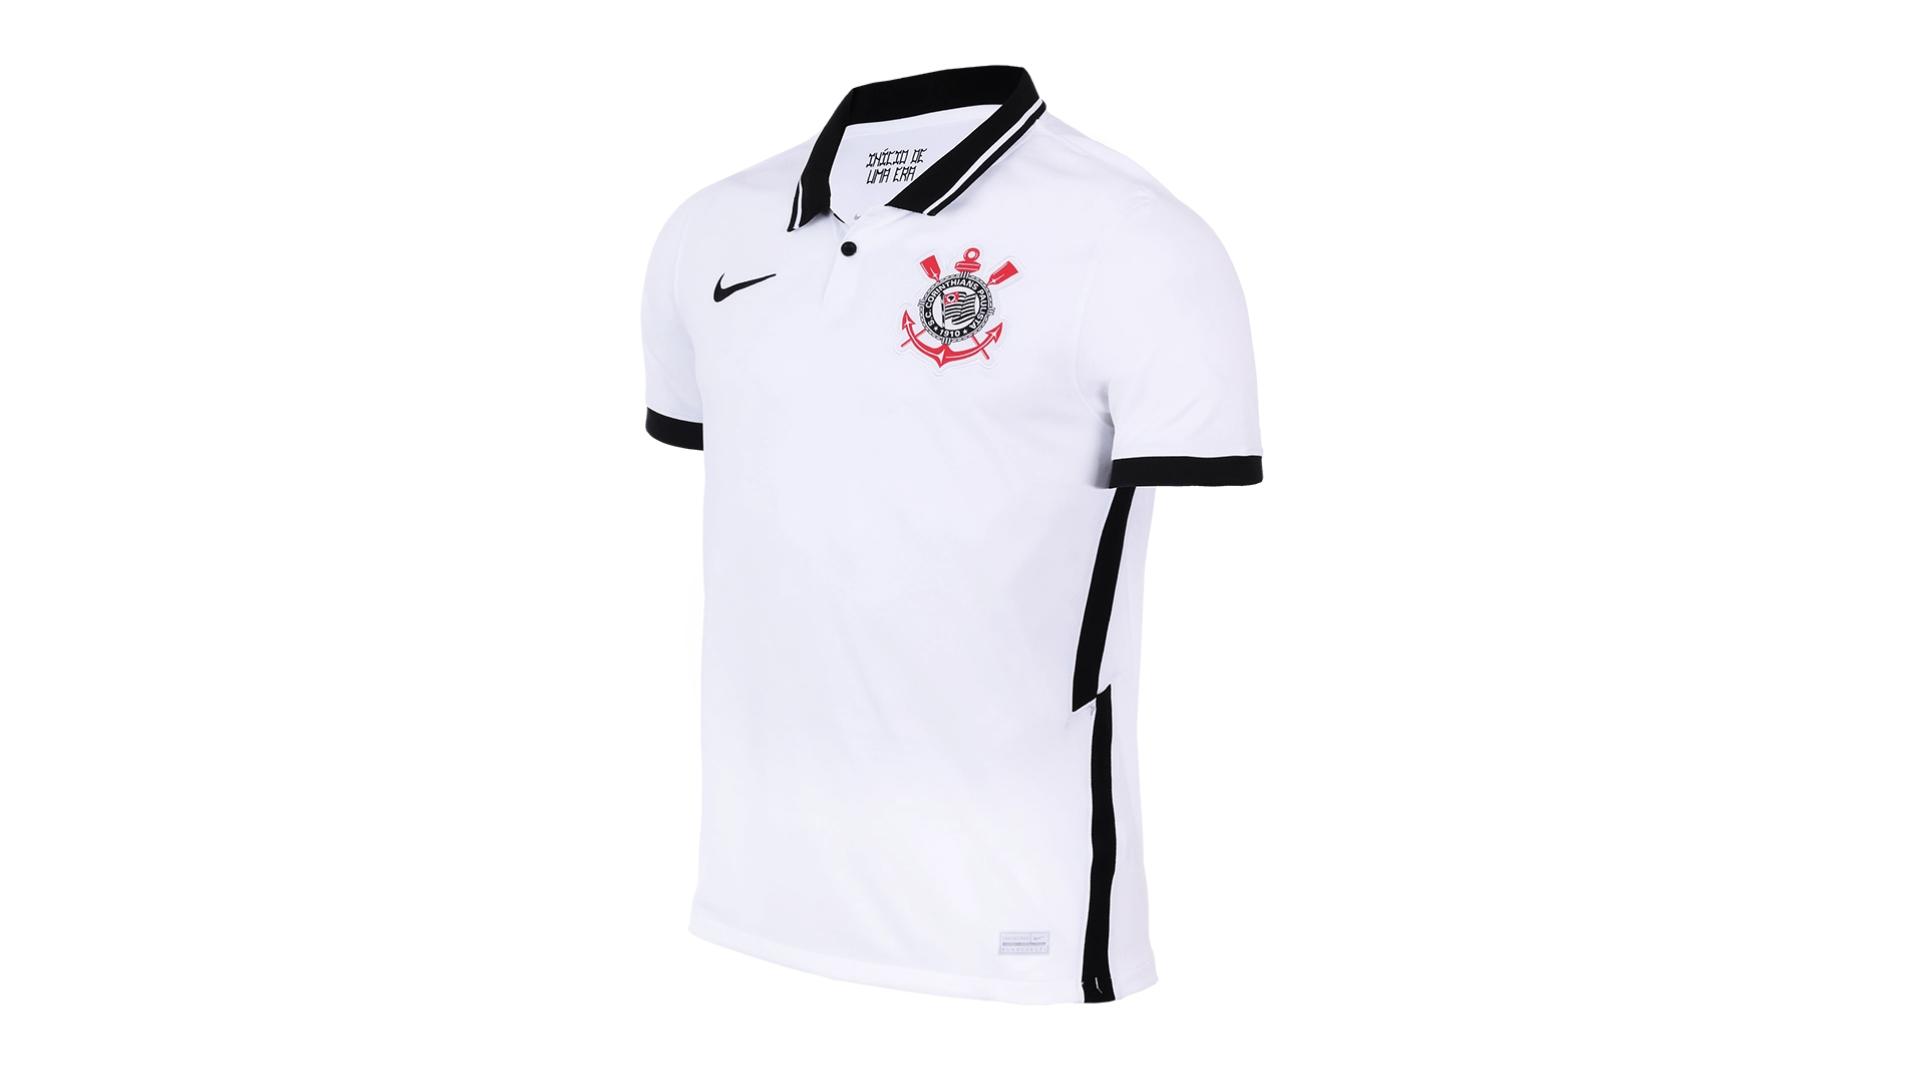 Camisa do Corinthians 2020 Nike Jogo 1 (Imagem: Divulgação/Nike)